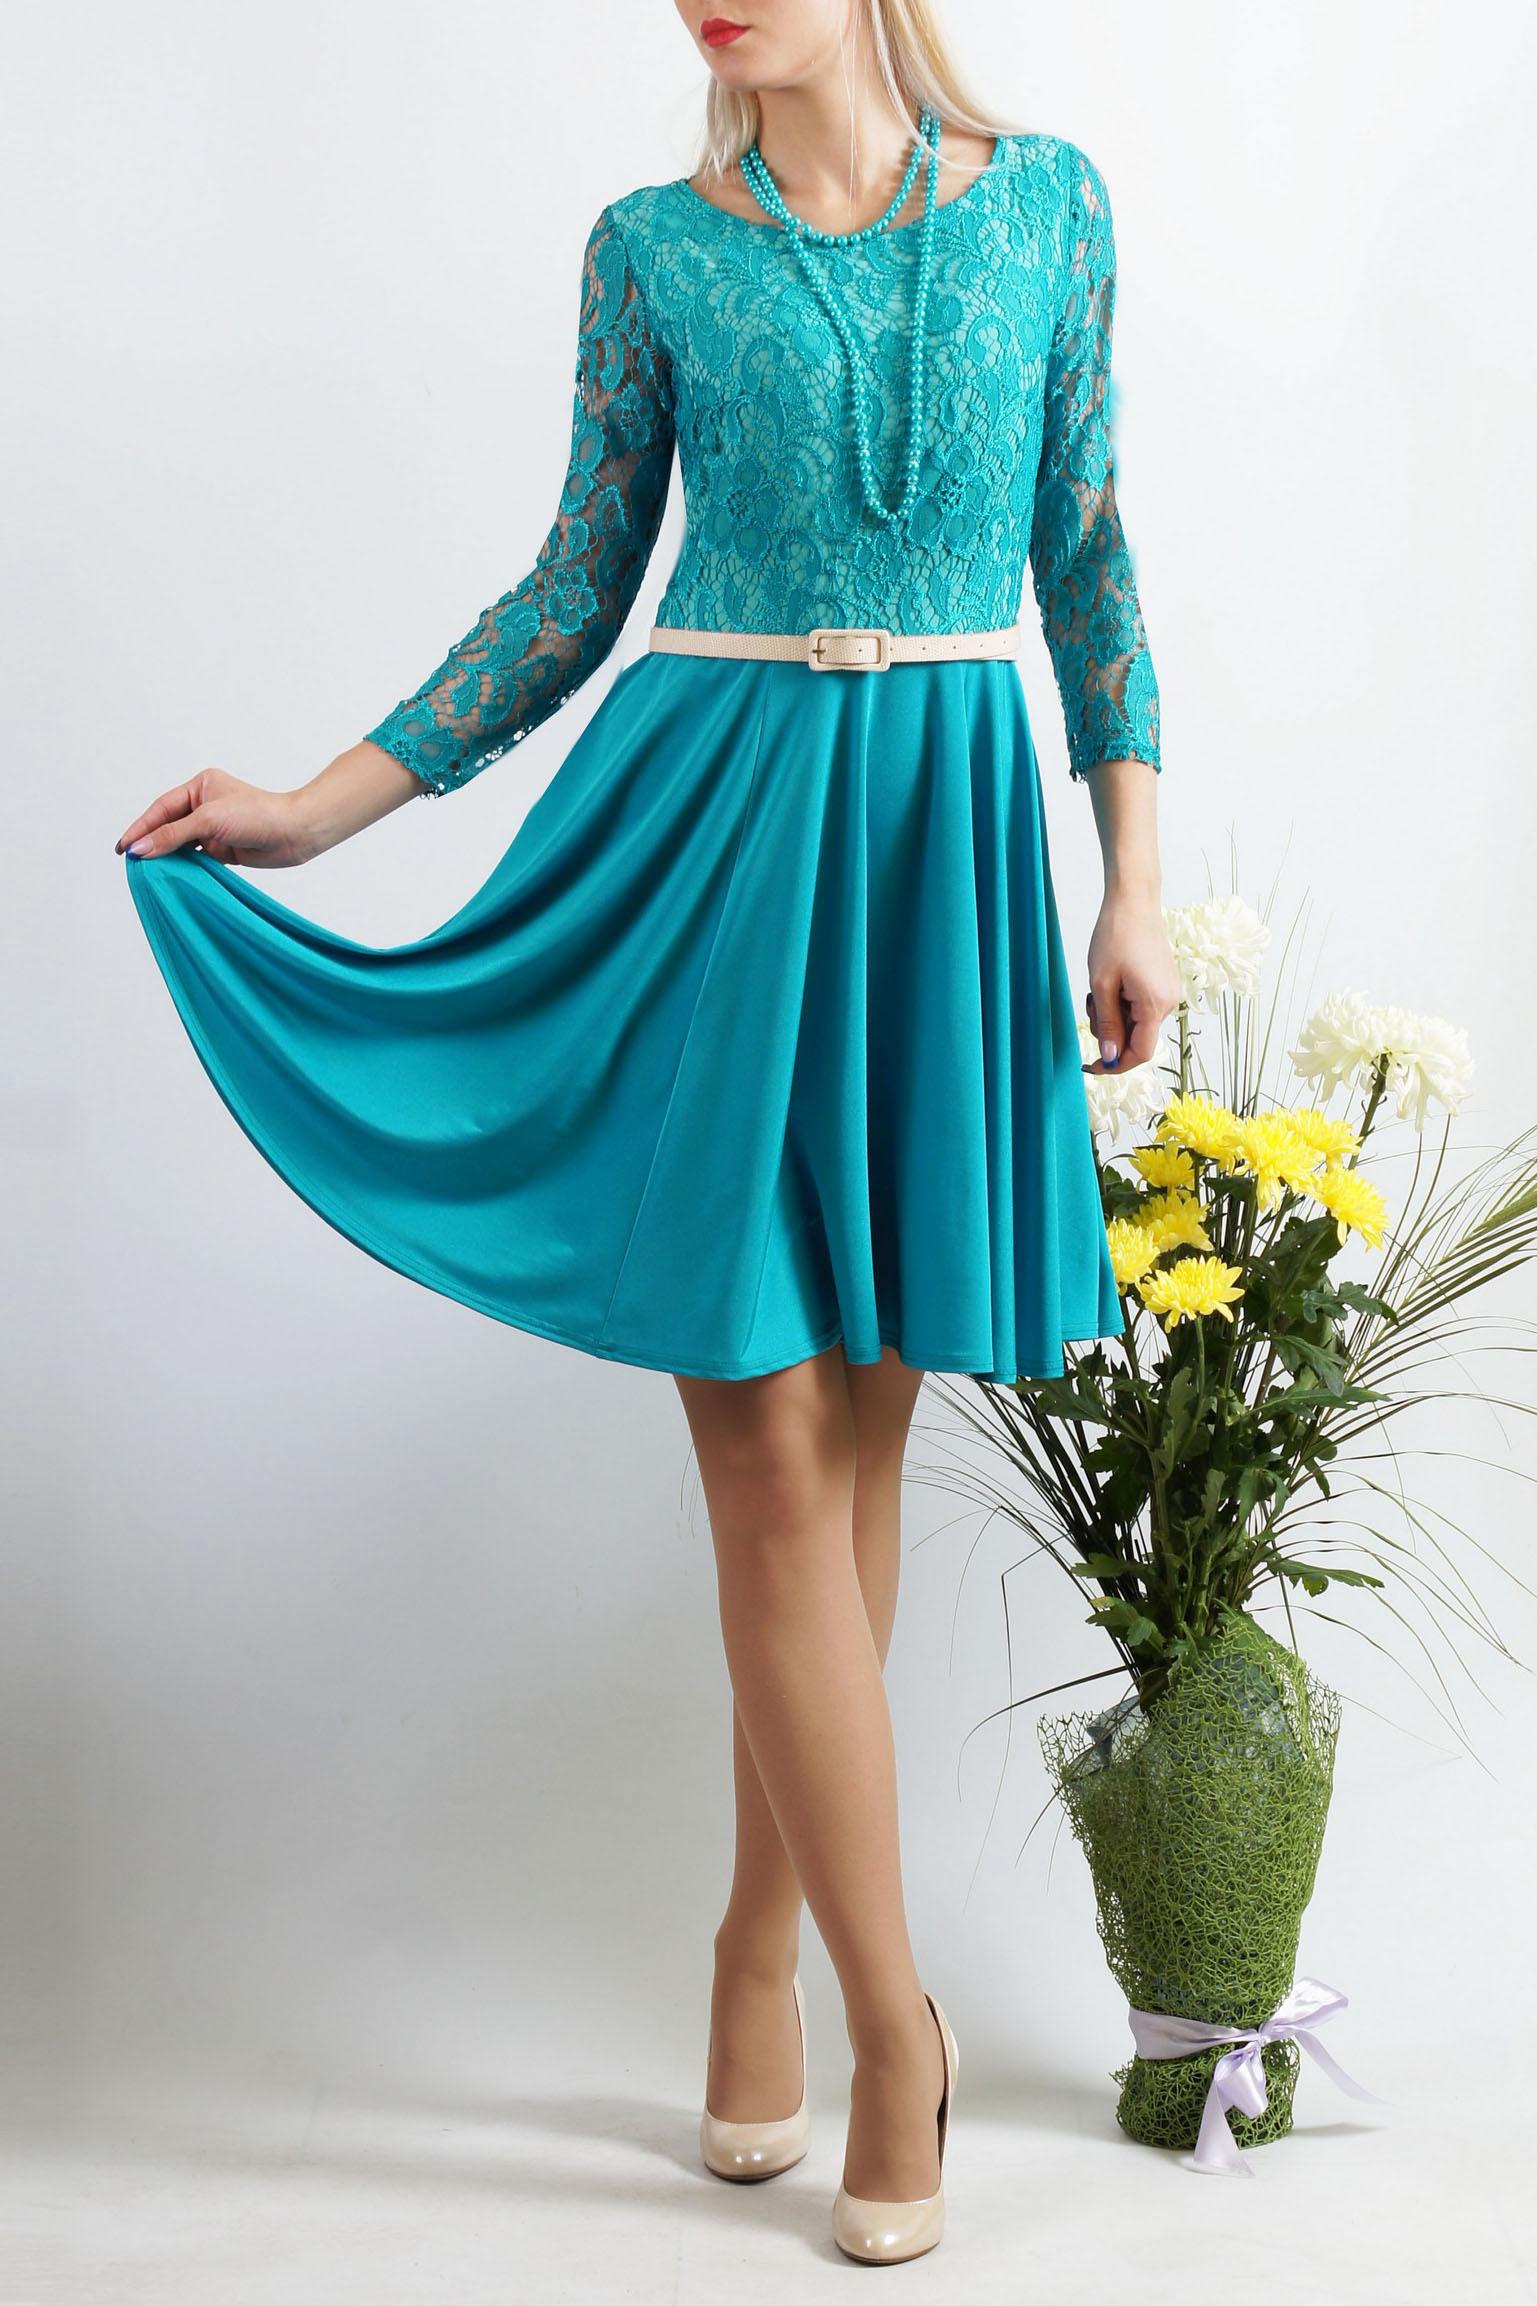 ПлатьеПлатья<br>Классическое платье для торжеств - верх выполнен из кружева, юбка солнце-клеш из струящегося трикотажа. Платье без пояса.  Длина 97 см в 46-48 размерах  Длина 103 см в 50-54 размерах  Цвет: голубой  Параметры размеров: 42 размер - обхват груди 84 см., обхват талии 64 см., обхват бедер 92 см. 44 размер - обхват груди 88 см., обхват талии 68 см., обхват бедер 96 см. 46 размер - обхват груди 92 см., обхват талии 72 см., обхват бедер 100 см. 48 размер - обхват груди 96 см., обхват талии 76 см., обхват бедер 104 см. 50 размер - обхват груди 100 см., обхват талии 80 см., обхват бедер 108 см. 52 размер - обхват груди 104 см., обхват талии 85 см., обхват бедер 112 см. 54 размер - обхват груди 108 см., обхват талии 89 см., обхват бедер 116 см. 56 размер - обхват груди 112 см., обхват талии 94 см., обхват бедер 120 см. 58 размер - обхват груди 116 см., обхват талии 100 см., обхват бедер 124 см.  Ростовка изделия 167-173 см.<br><br>Горловина: С- горловина<br>По длине: До колена<br>По материалу: Гипюр,Трикотаж<br>По рисунку: Однотонные,Фактурный рисунок<br>По сезону: Весна,Зима,Лето,Осень,Всесезон<br>По силуэту: Приталенные<br>По стилю: Нарядный стиль,Вечерний стиль<br>По форме: Платье - трапеция<br>Рукав: Длинный рукав<br>Размер : 50<br>Материал: Холодное масло + Гипюр<br>Количество в наличии: 1